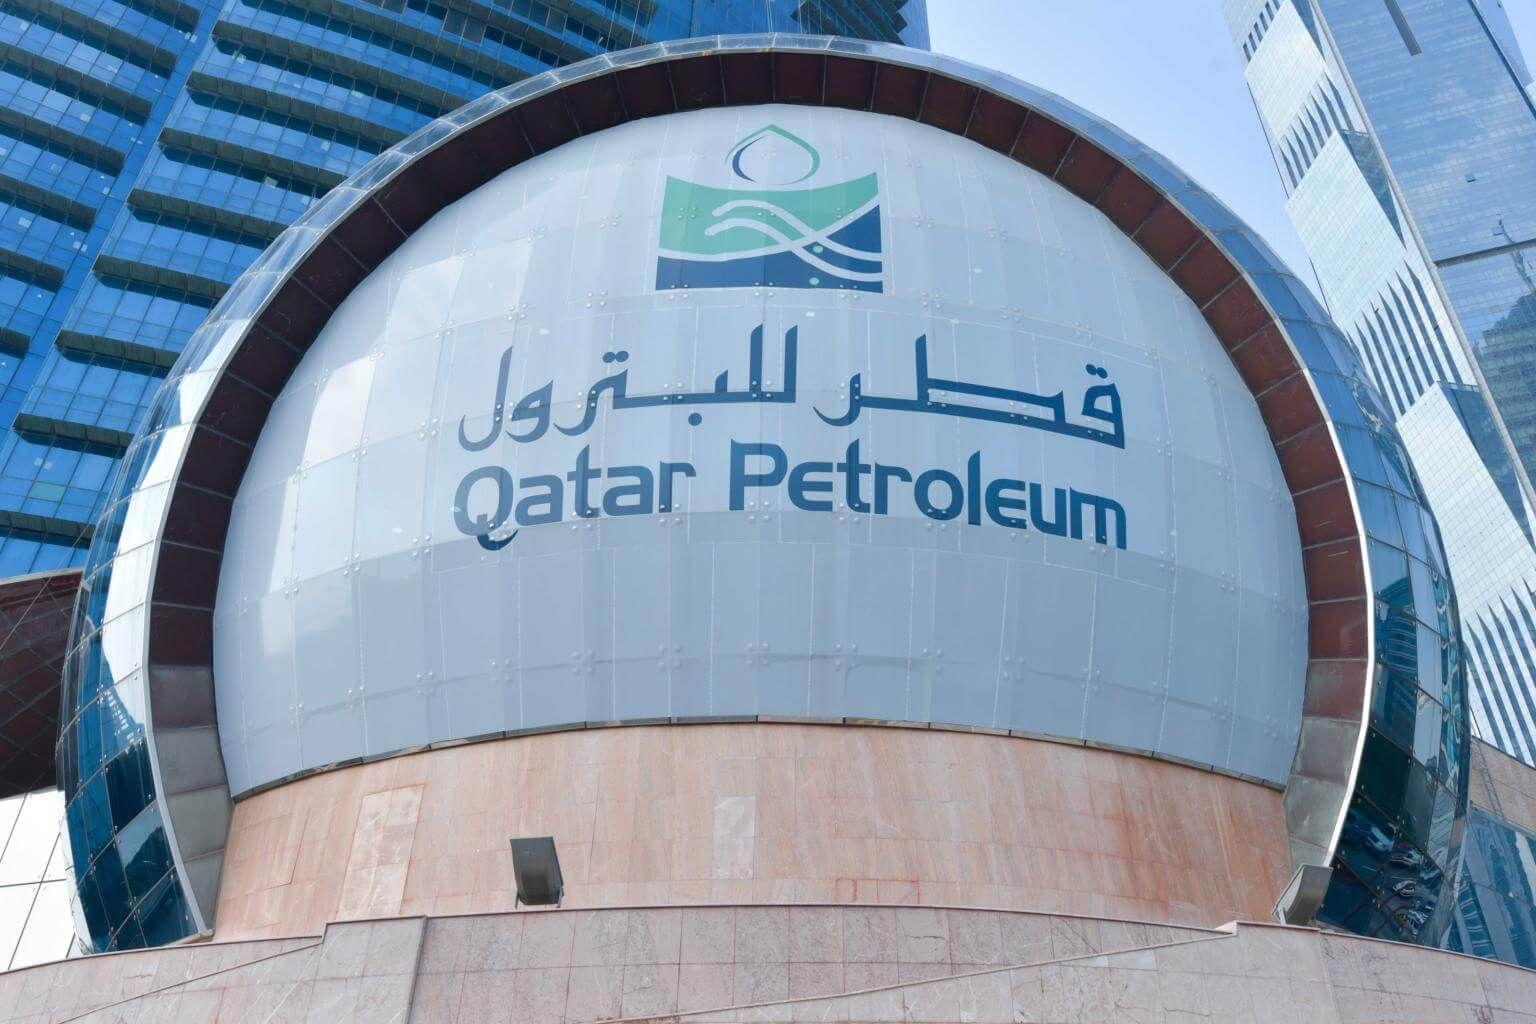 شركة قطر للبترول- الغاز المُسال